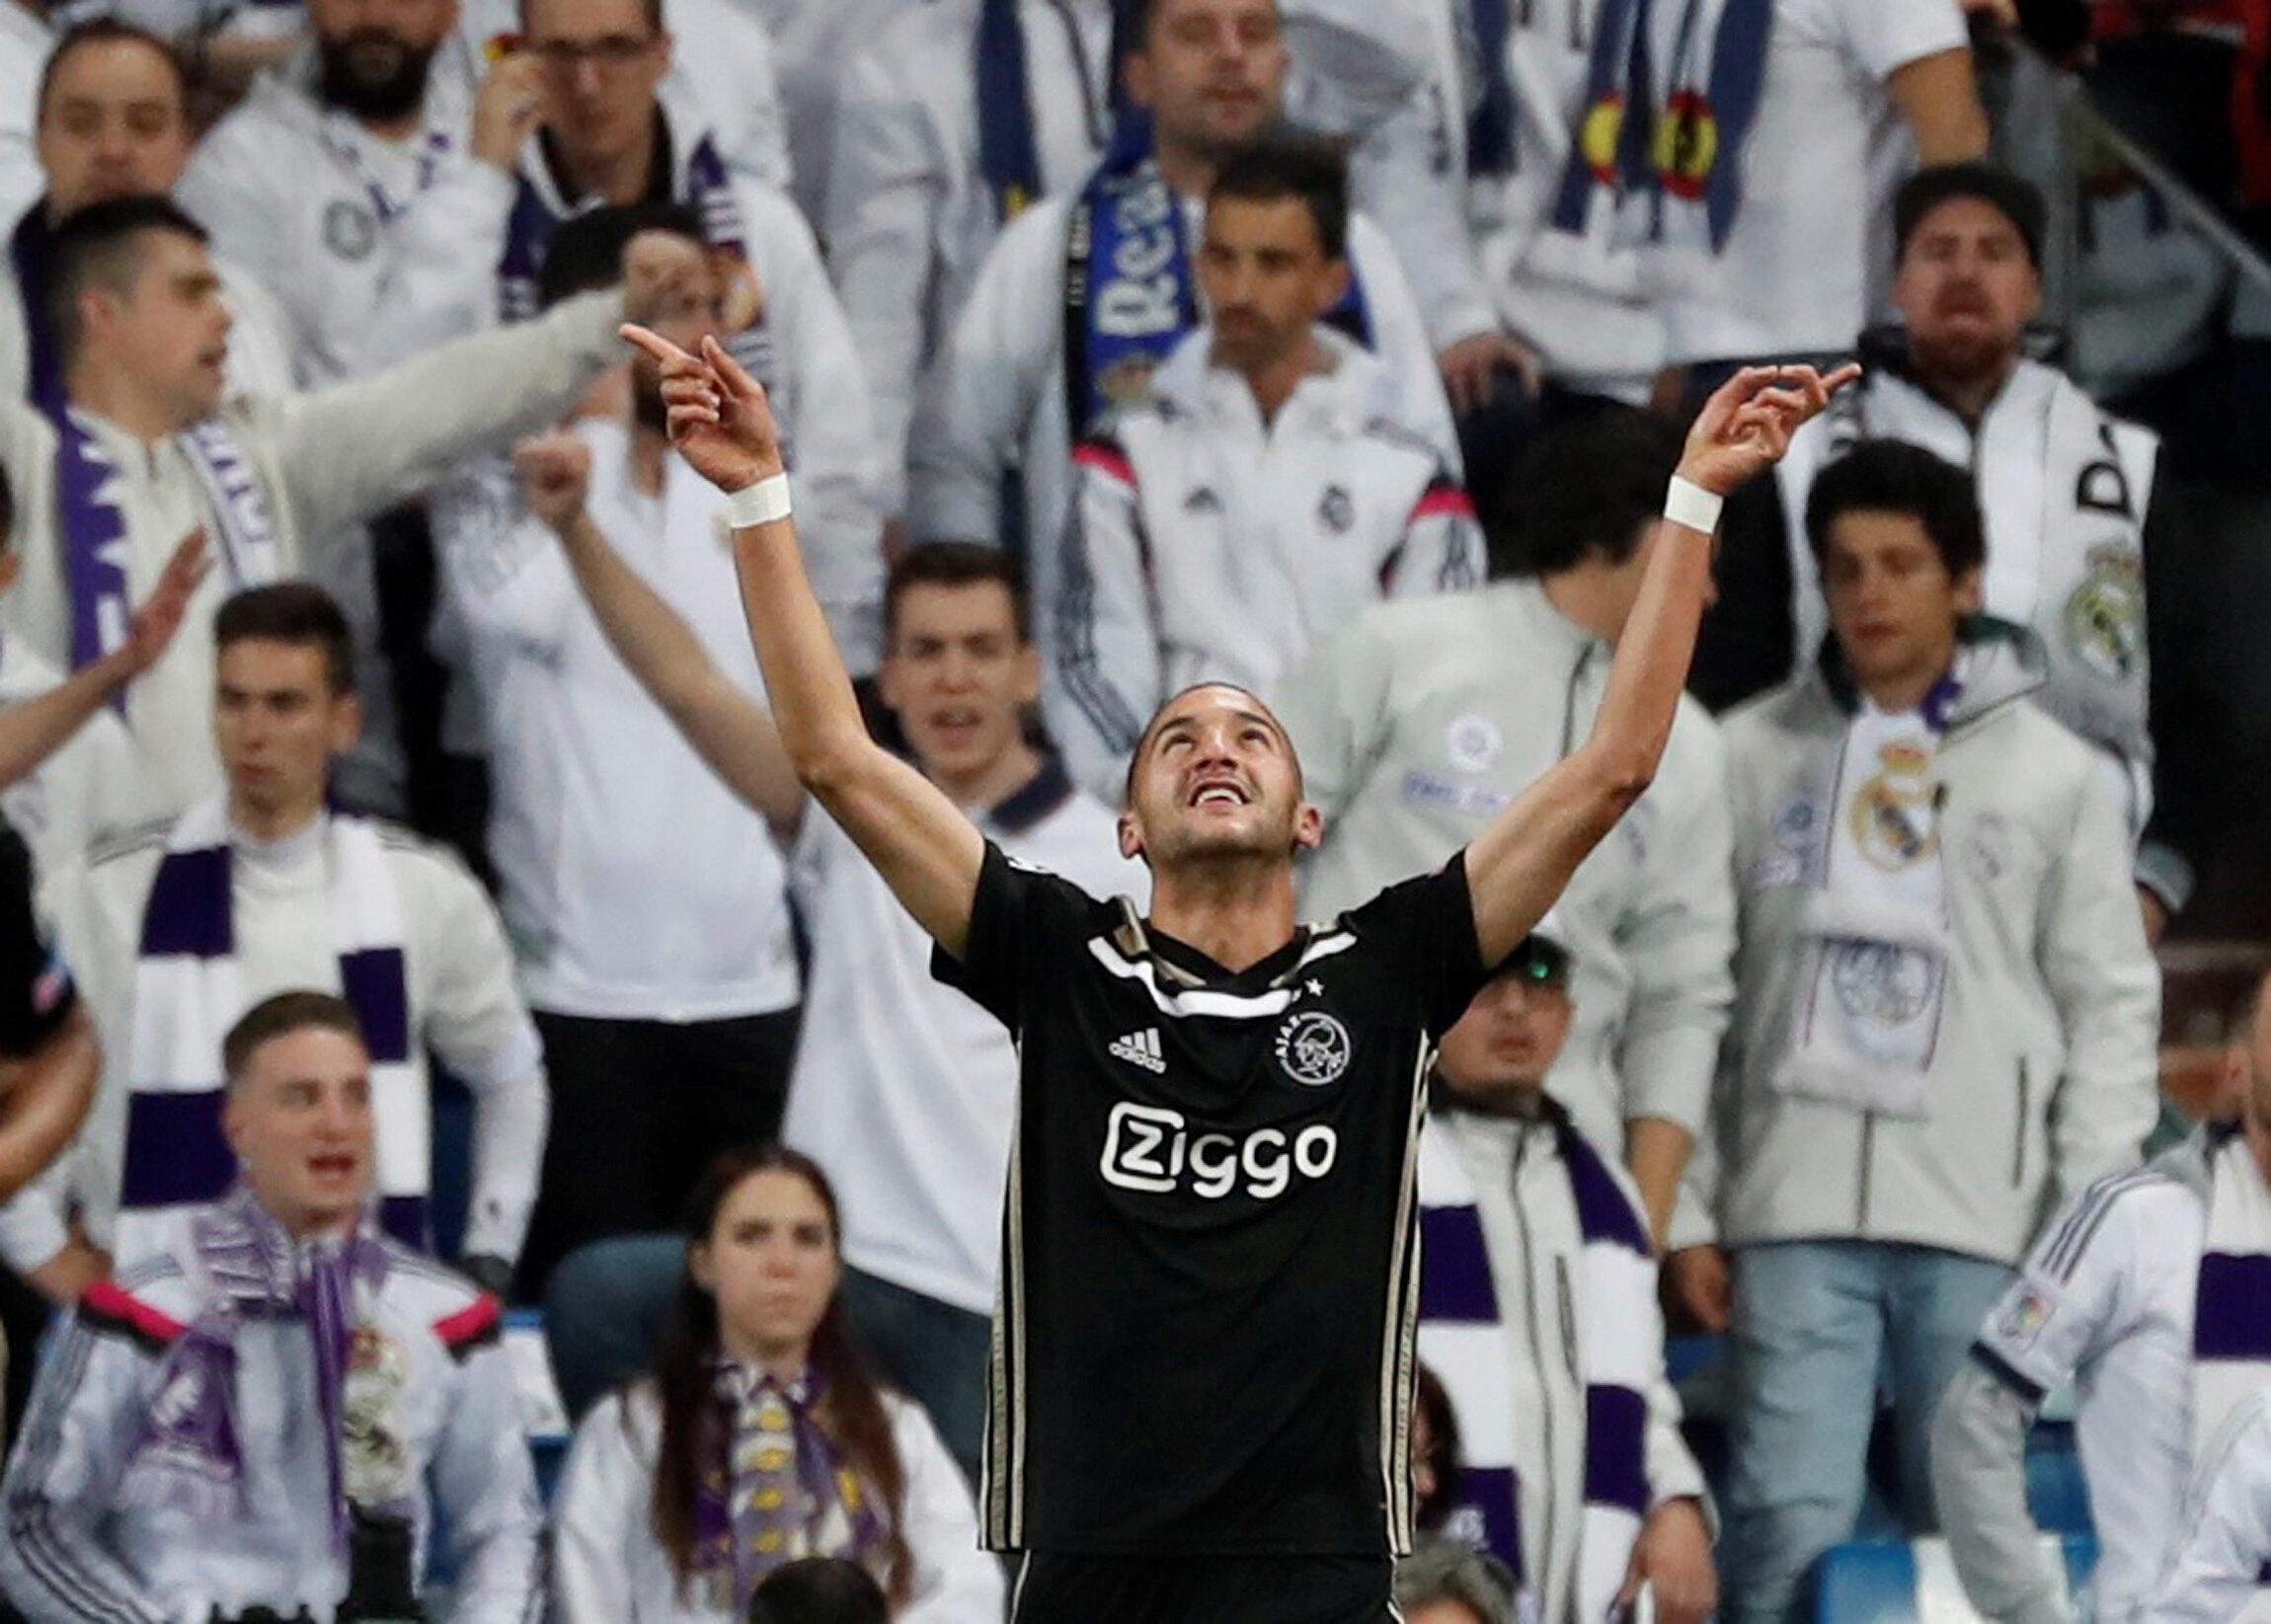 Hakim Ziyech festeja el primer gol del Ajax, este 5 de marzo de 2019 en Madrid.